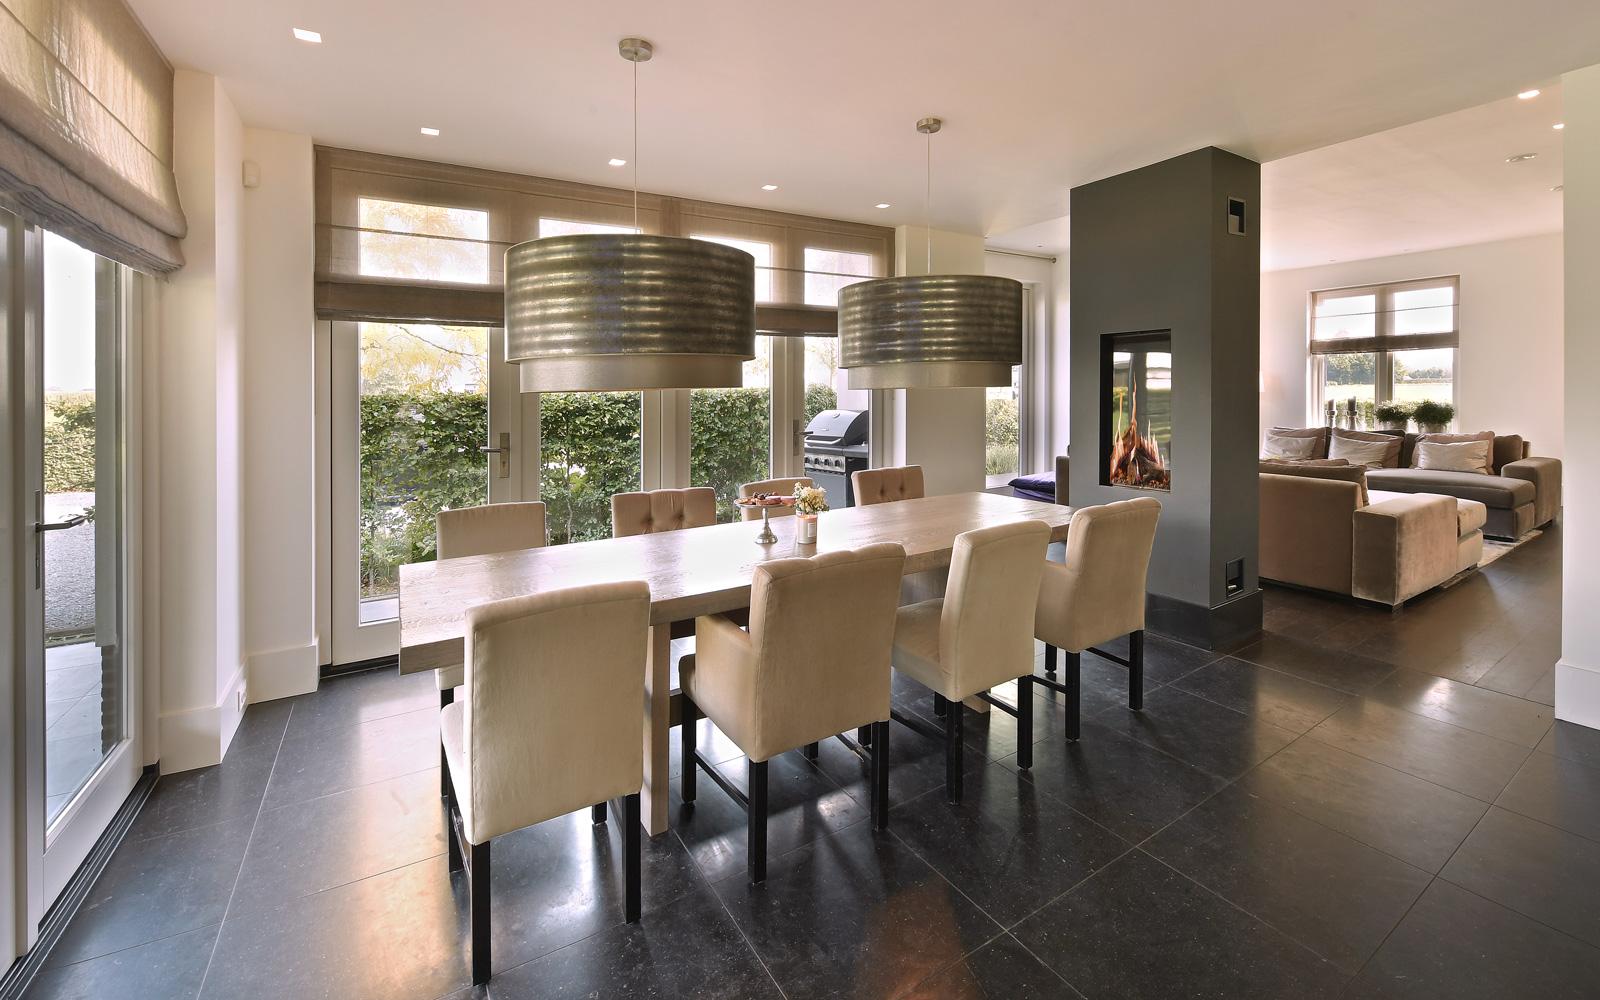 De exclusieve open haard van Kusk past mooi in de eetkamer.